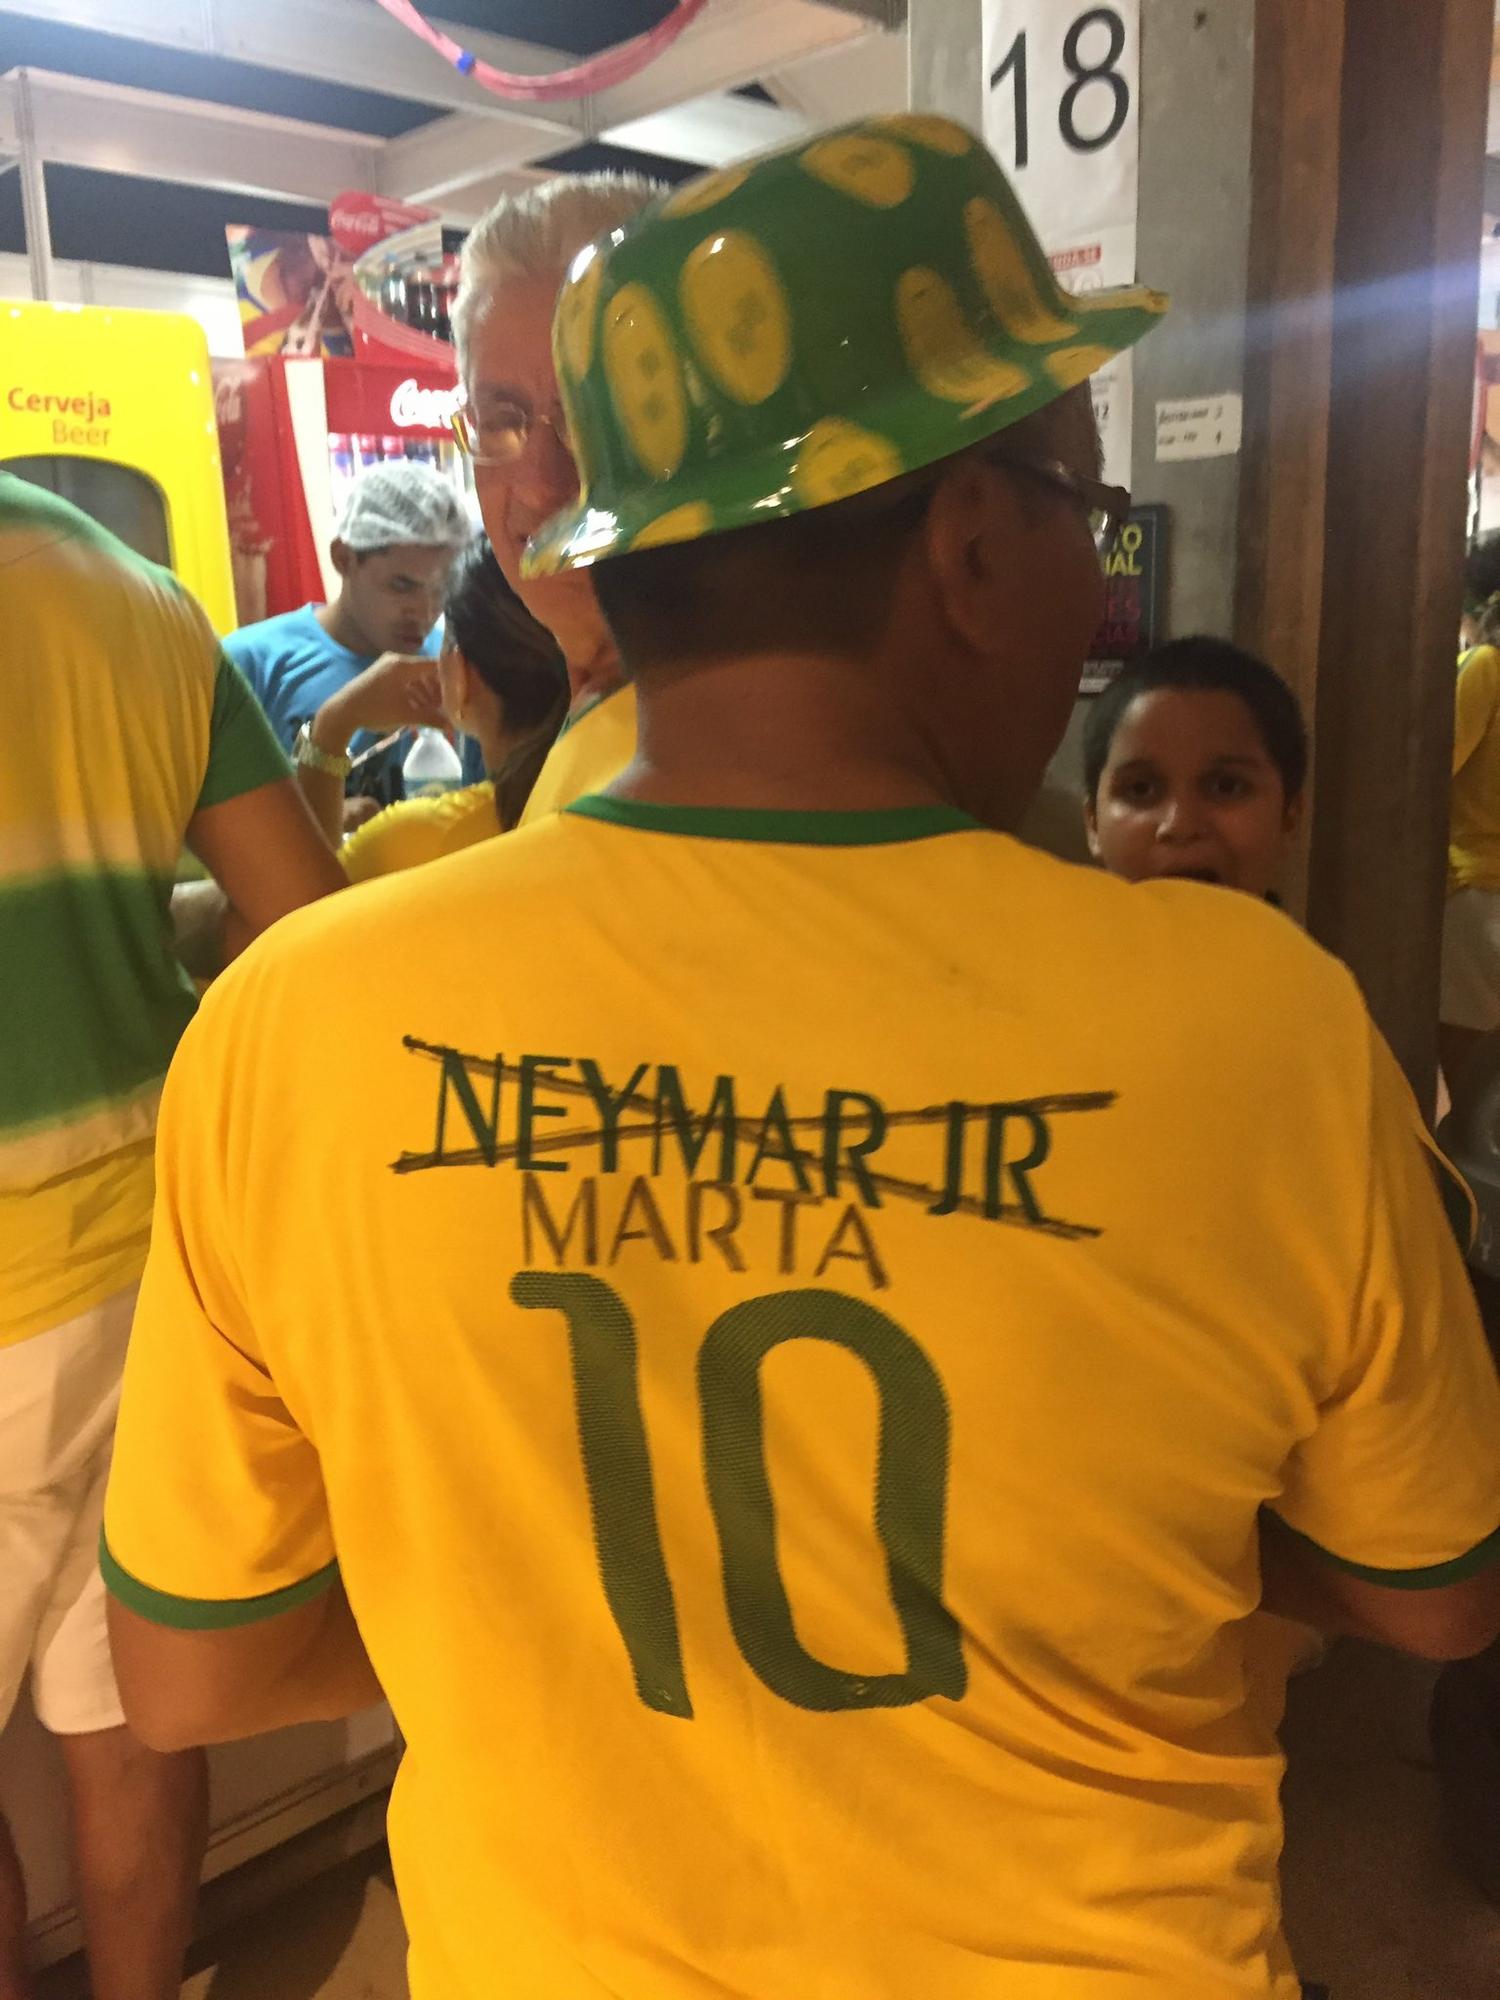 4b7b8611d4029 Virou moda  torcedores em Manaus trocam Neymar por Marta em camisa